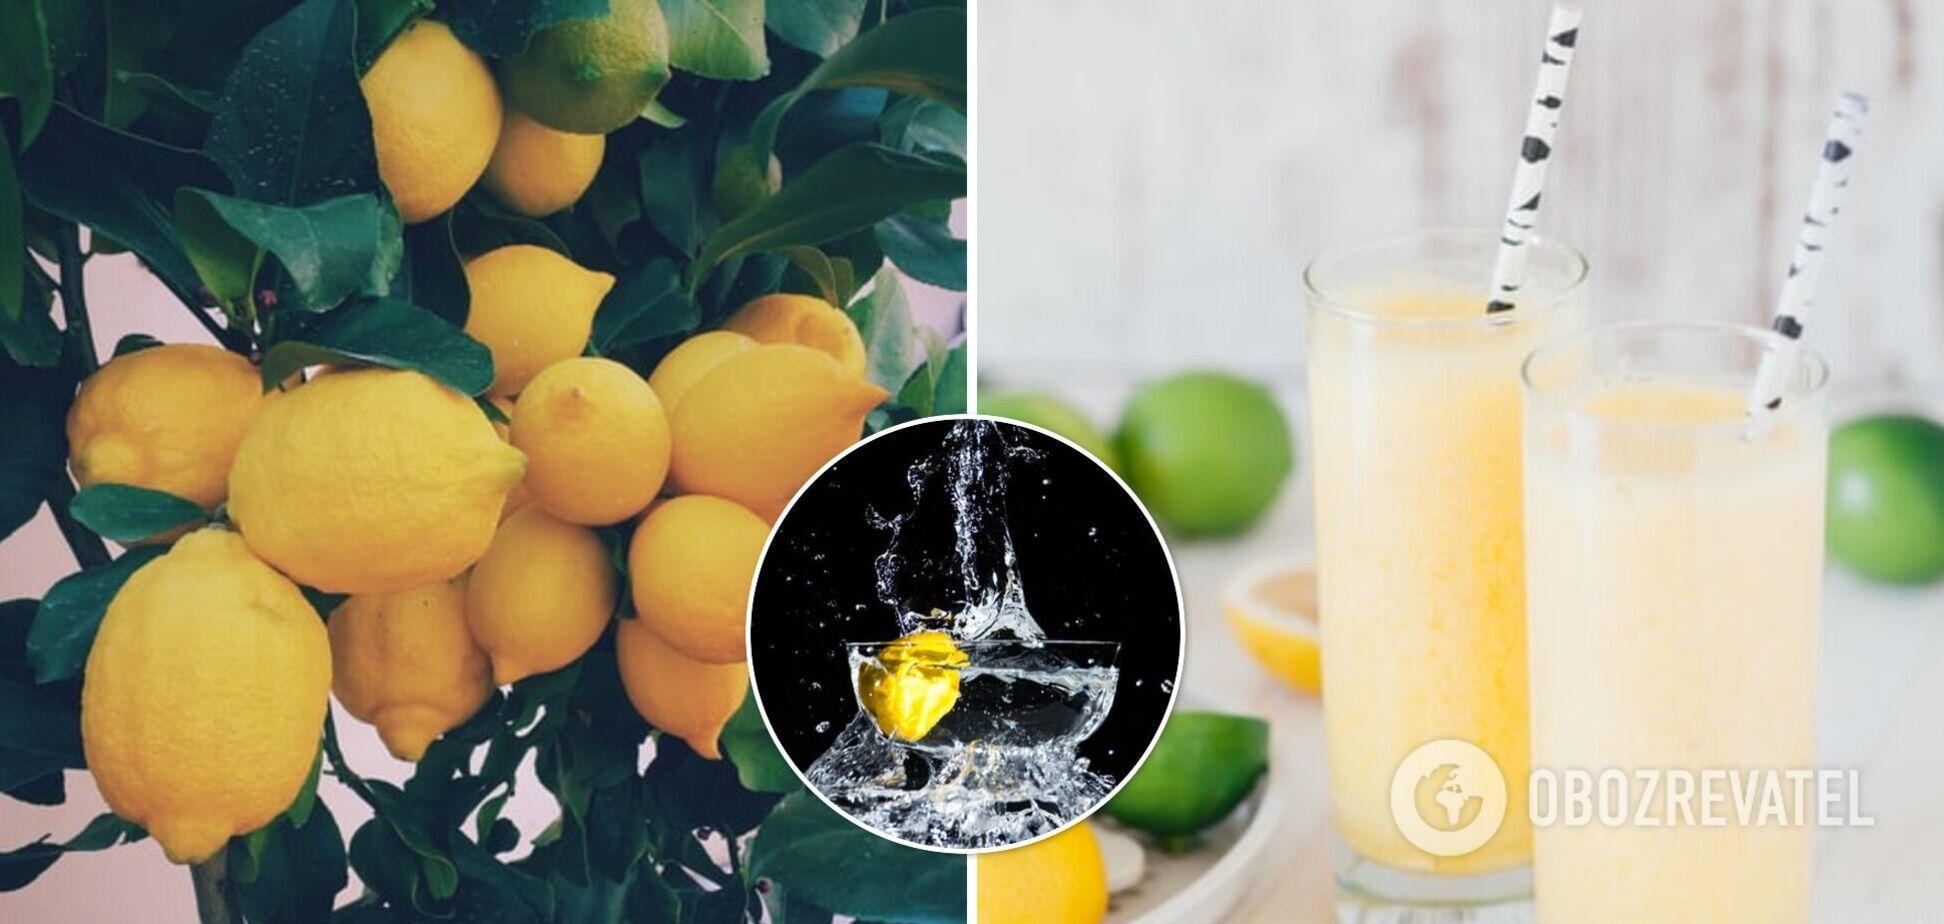 Употребление лимонного сока может способствовать снижению давления: результаты исследования